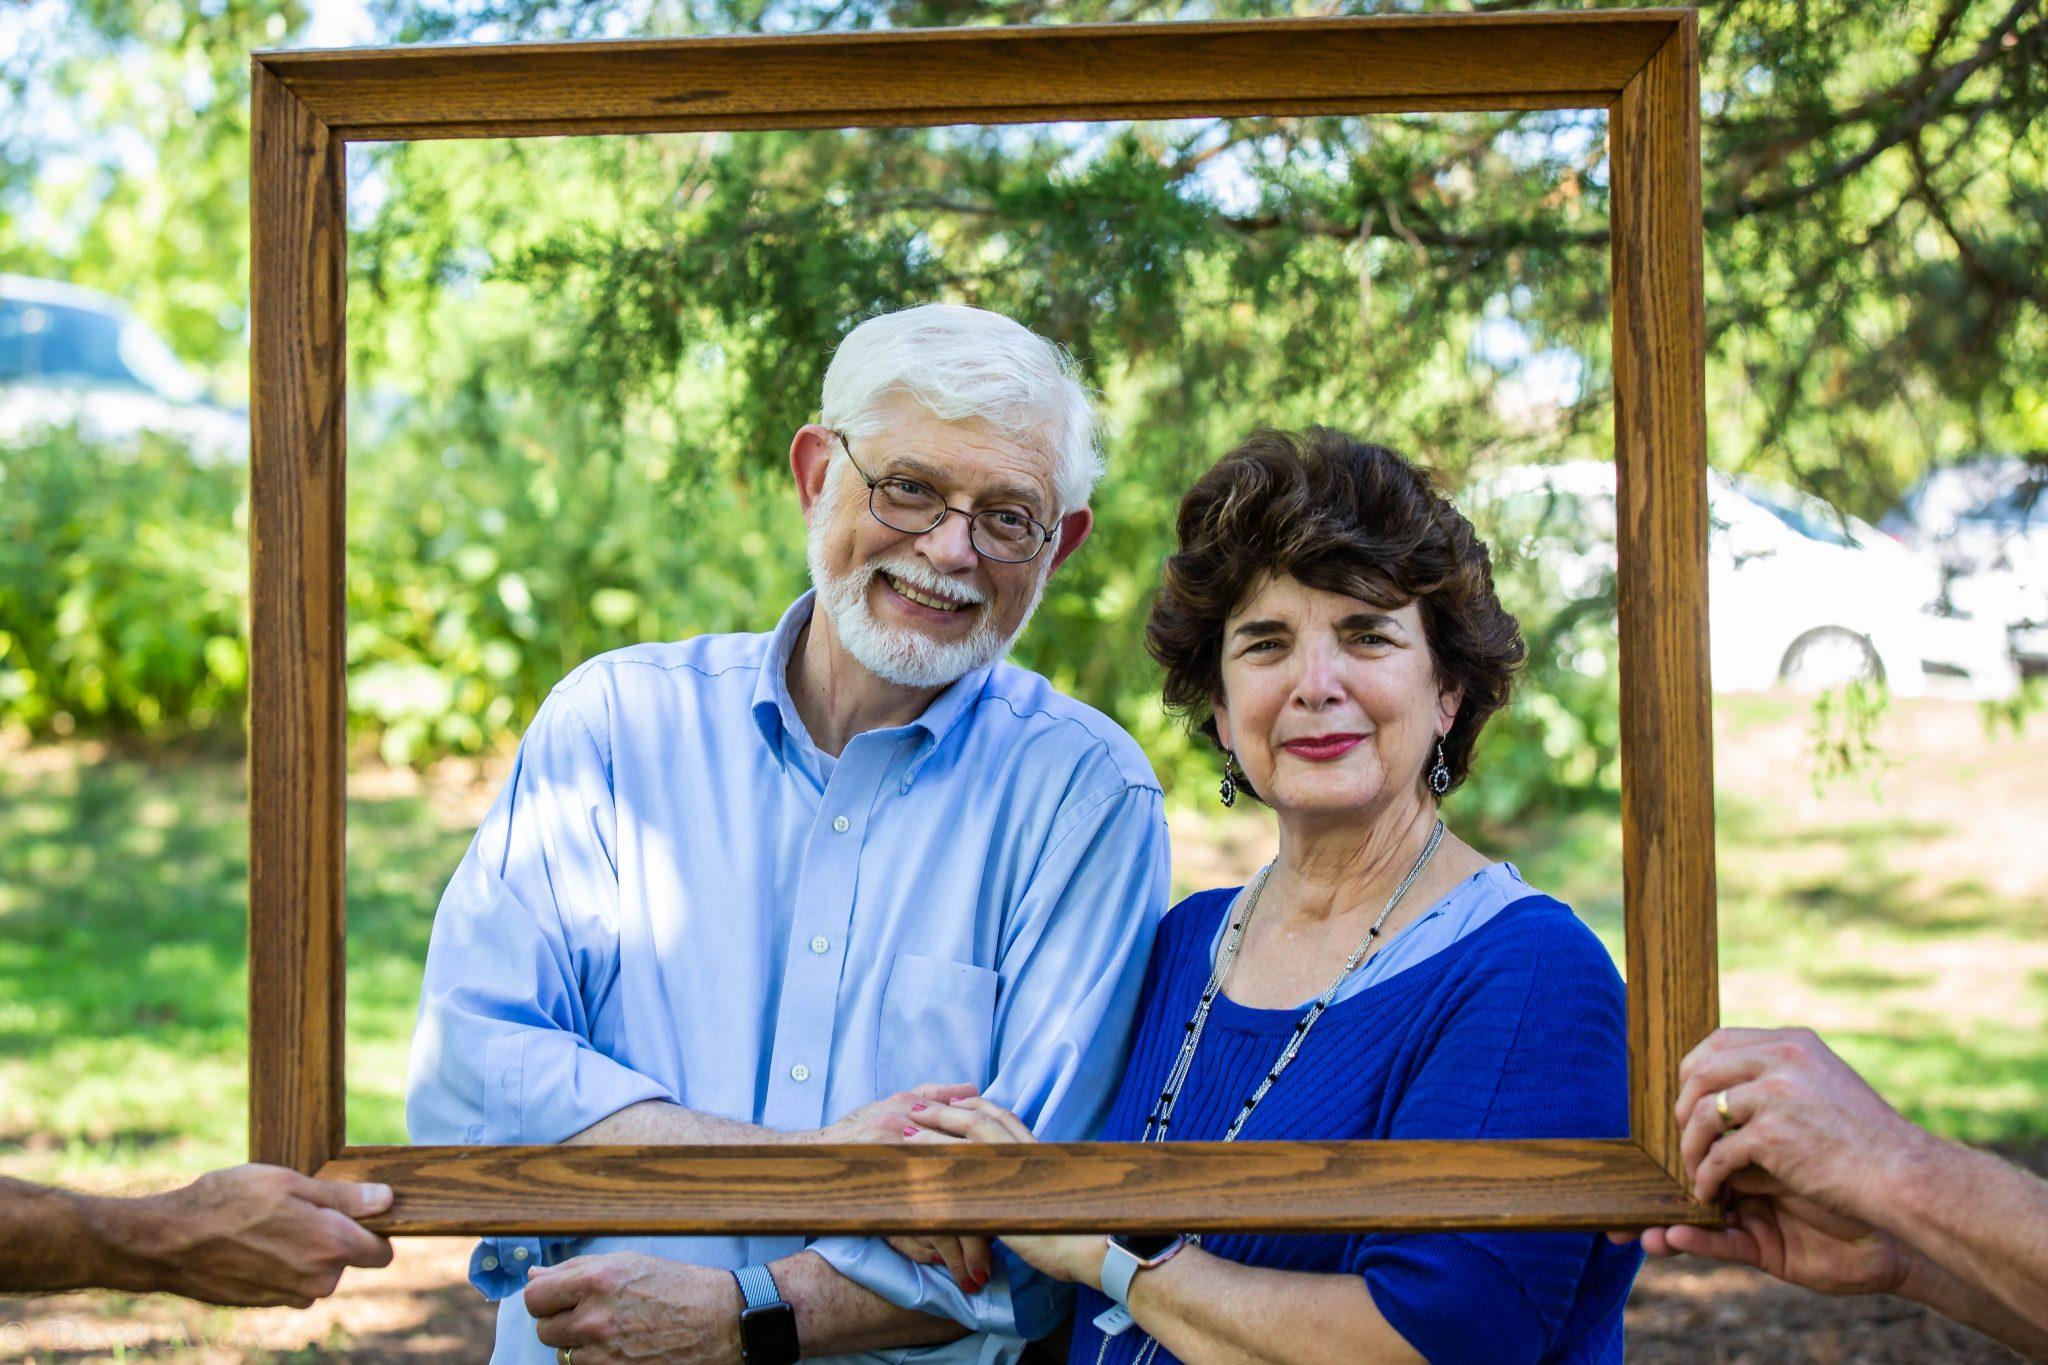 Sarah and Gary Armour